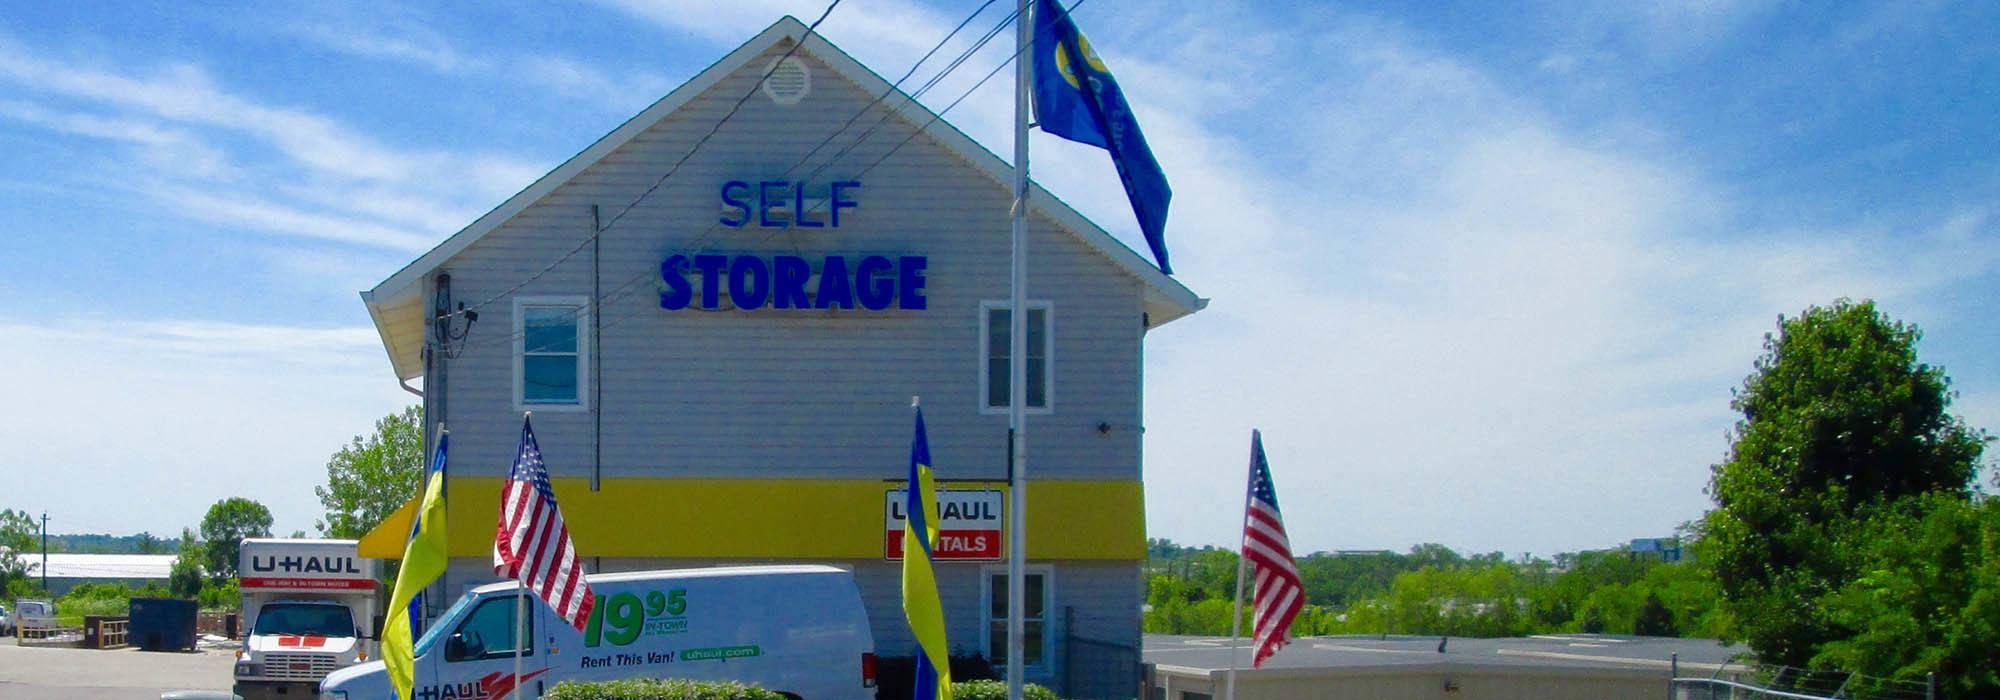 Self storage in Hamilton OH